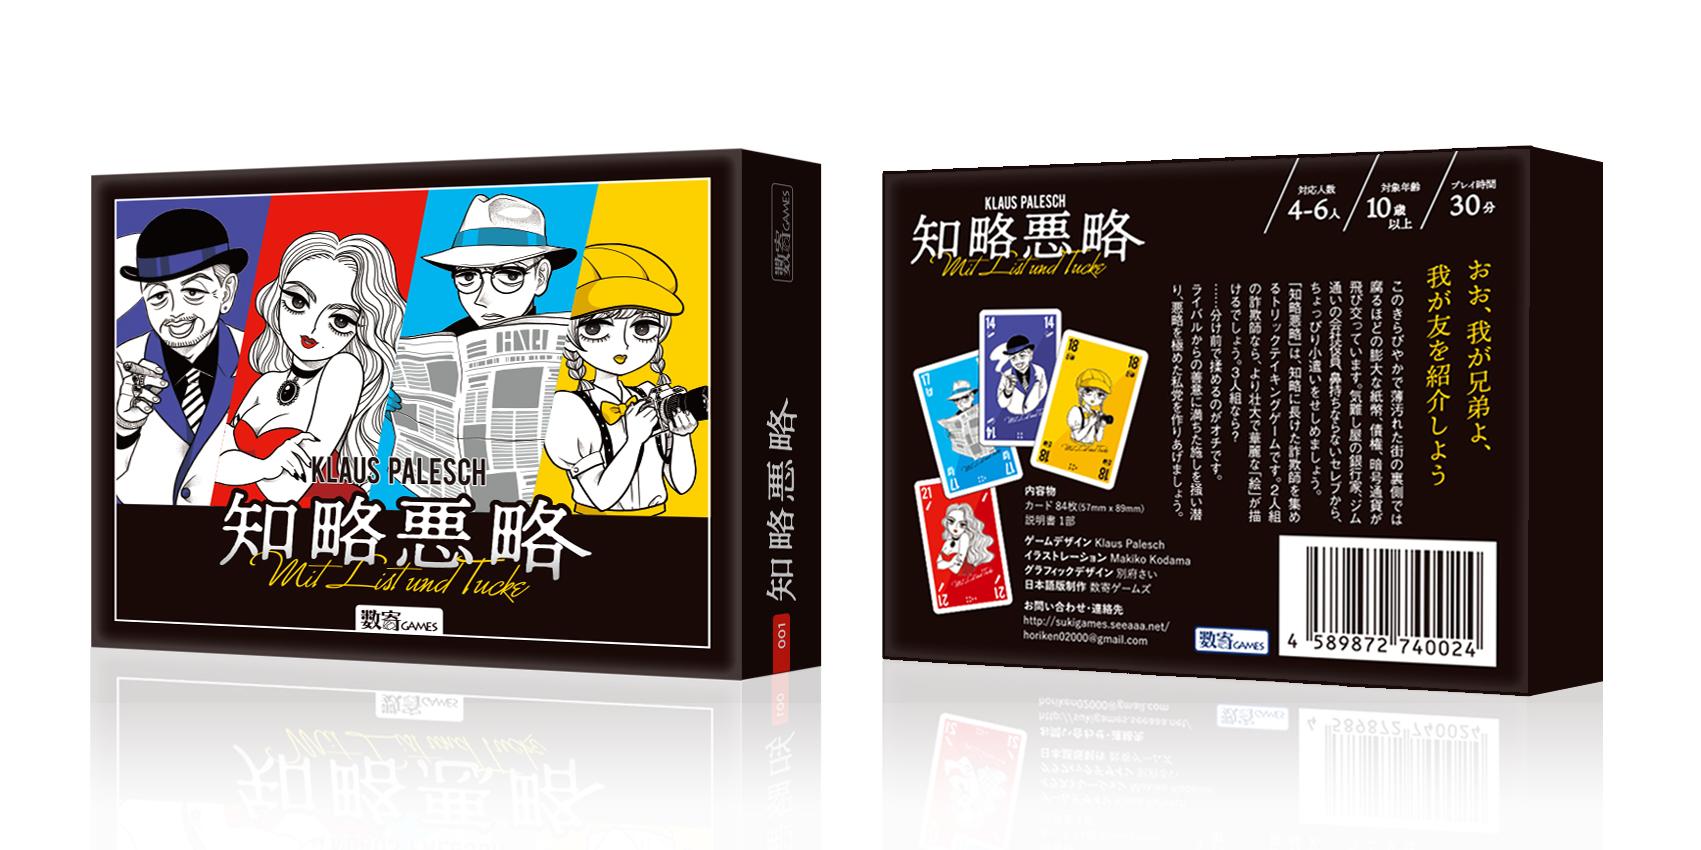 https://i0.wp.com/blog-imgs-124.fc2.com/h/o/r/horikenfc2/chiryakuakuryaku_boximage.jpg?ssl=1